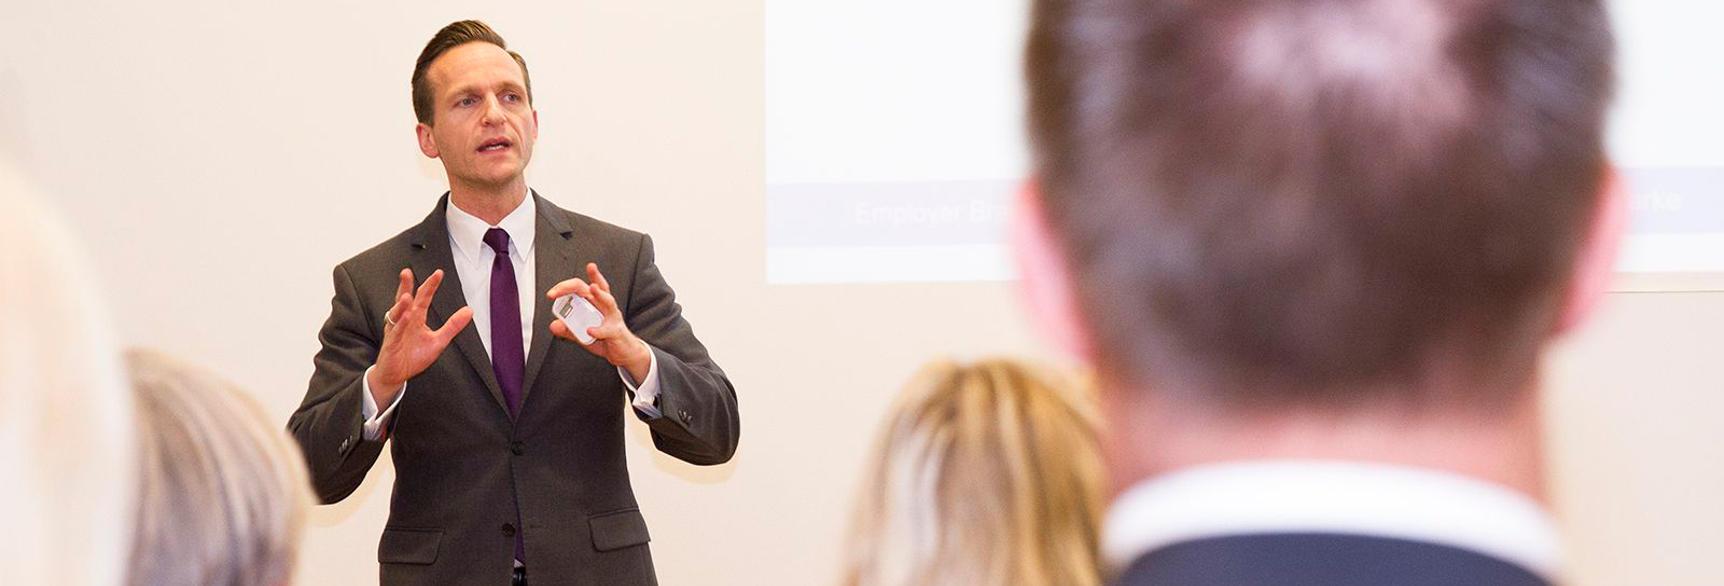 Nicolas Scheidtweiler im Vortrag - Scheidtweiler PR-Slider